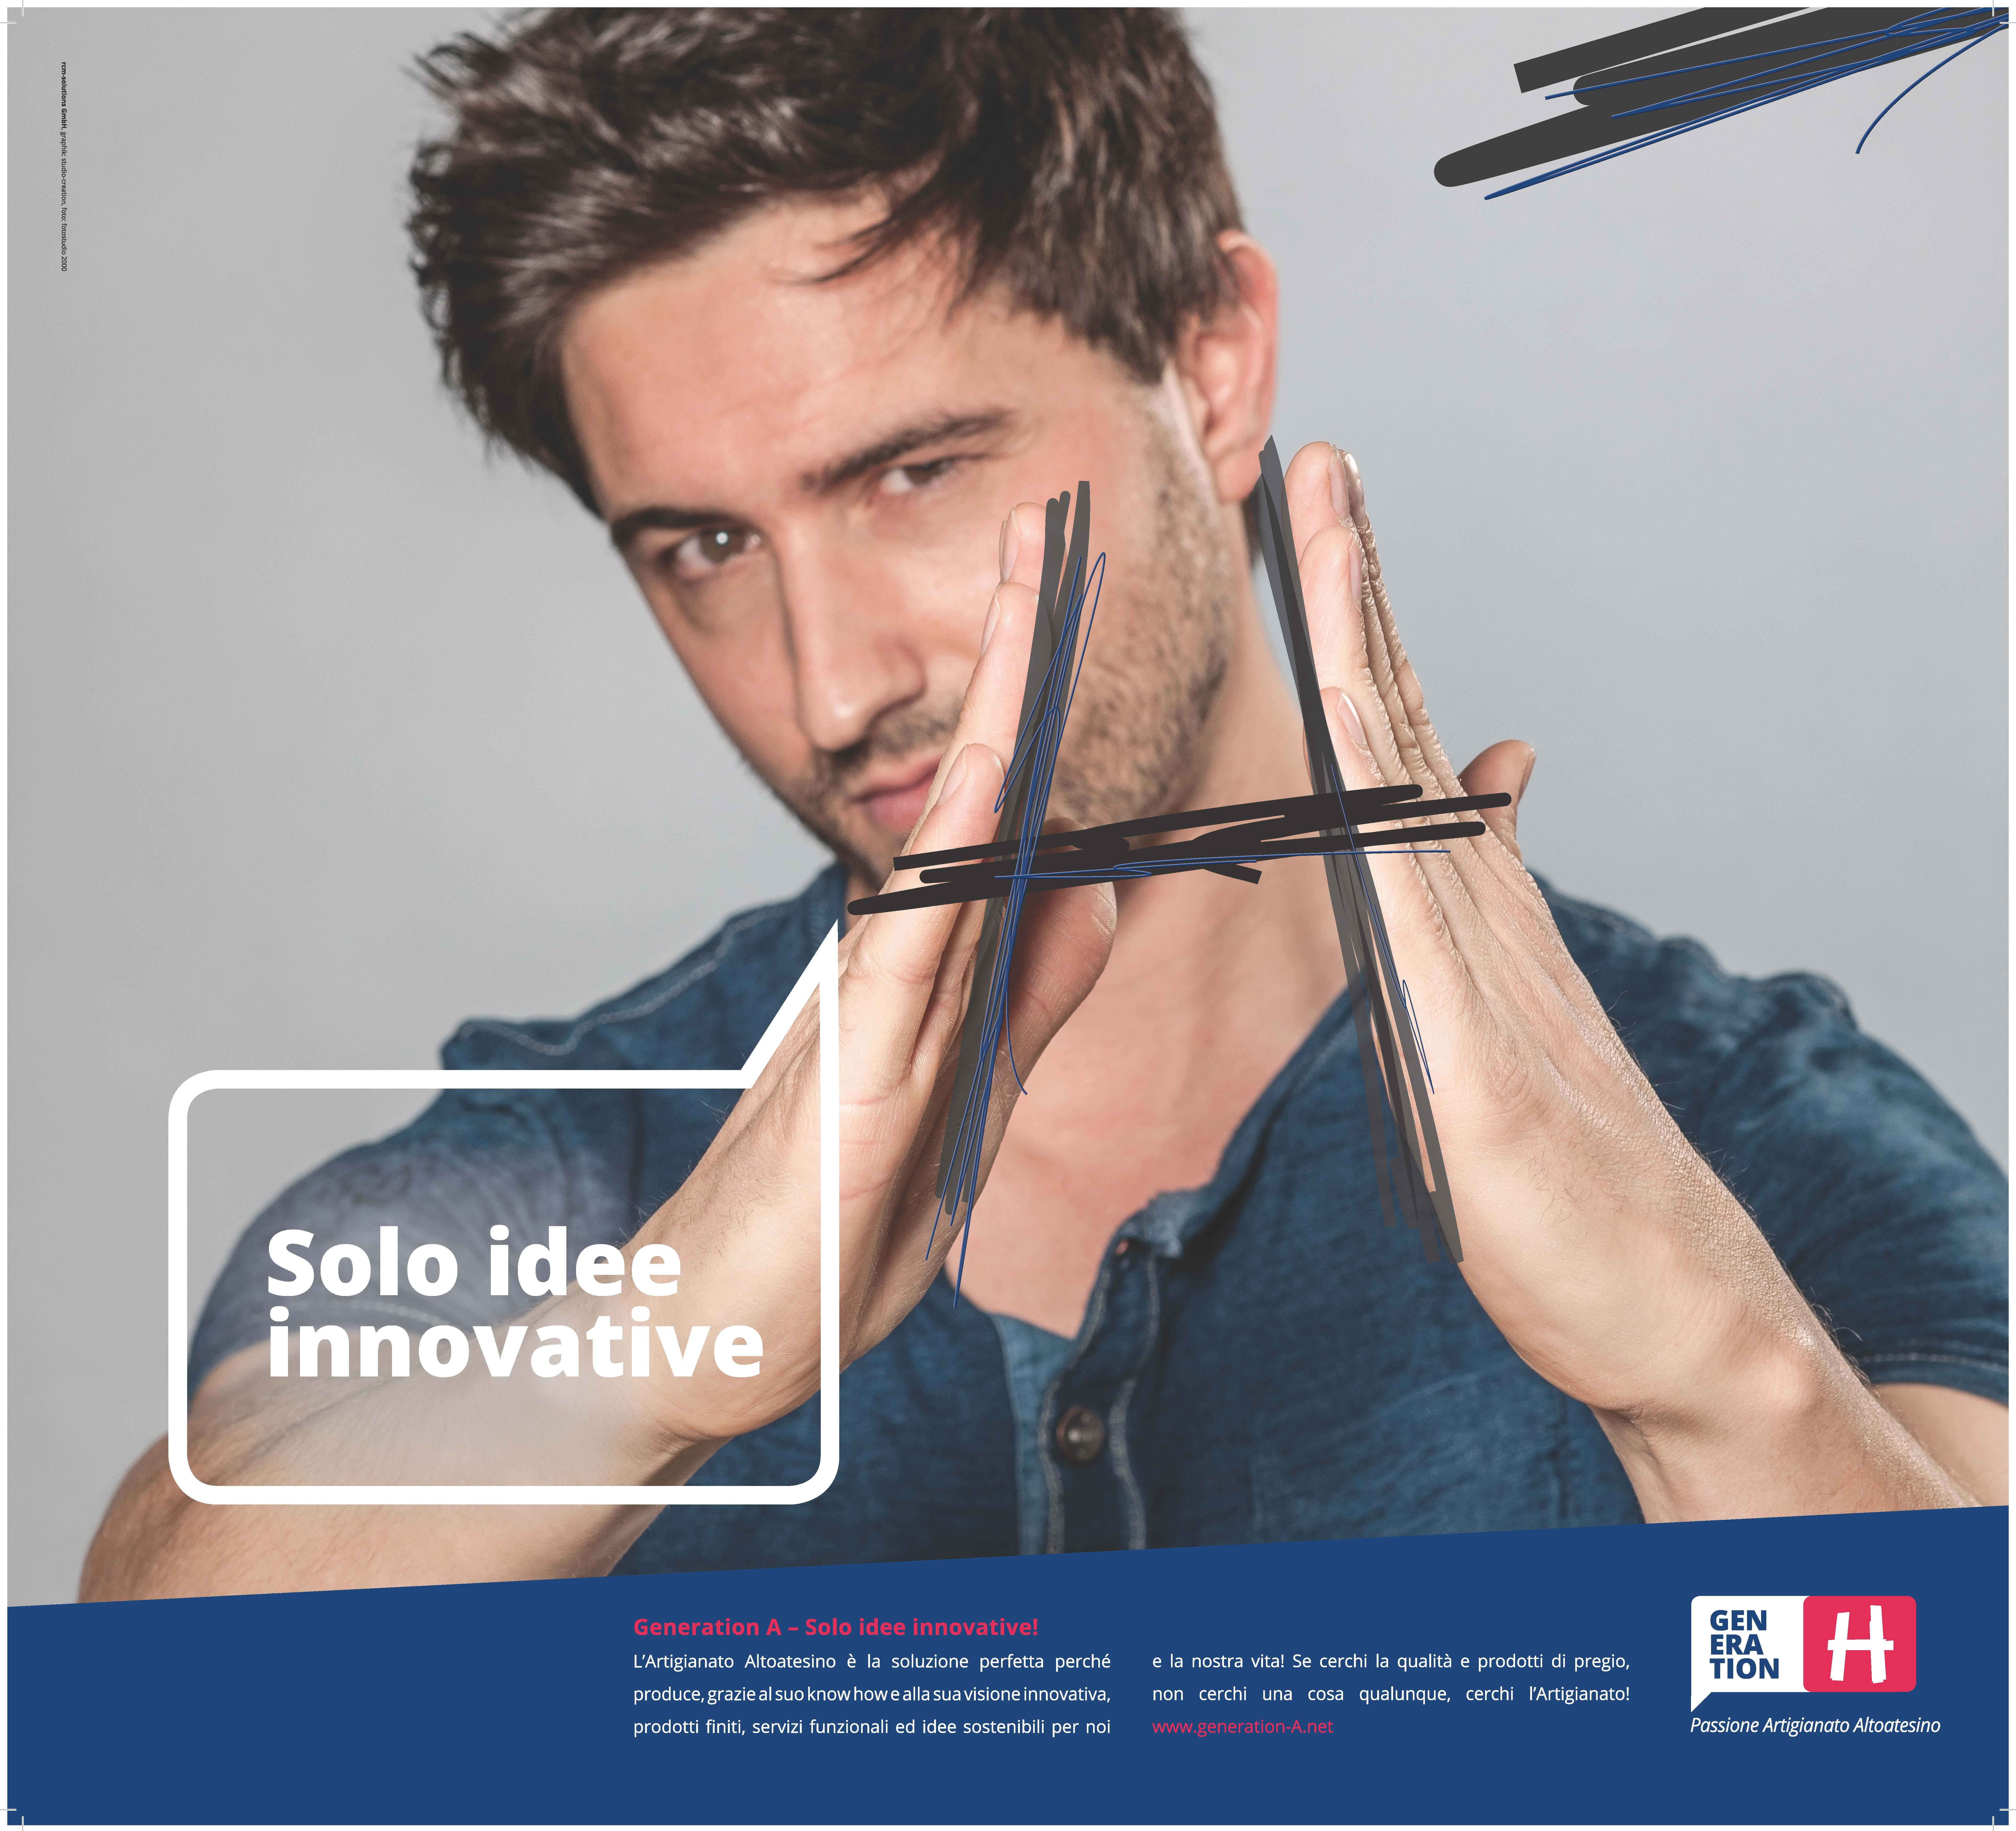 Generation A - Passione Artigianato Altoatesino - rcm-solutions srl